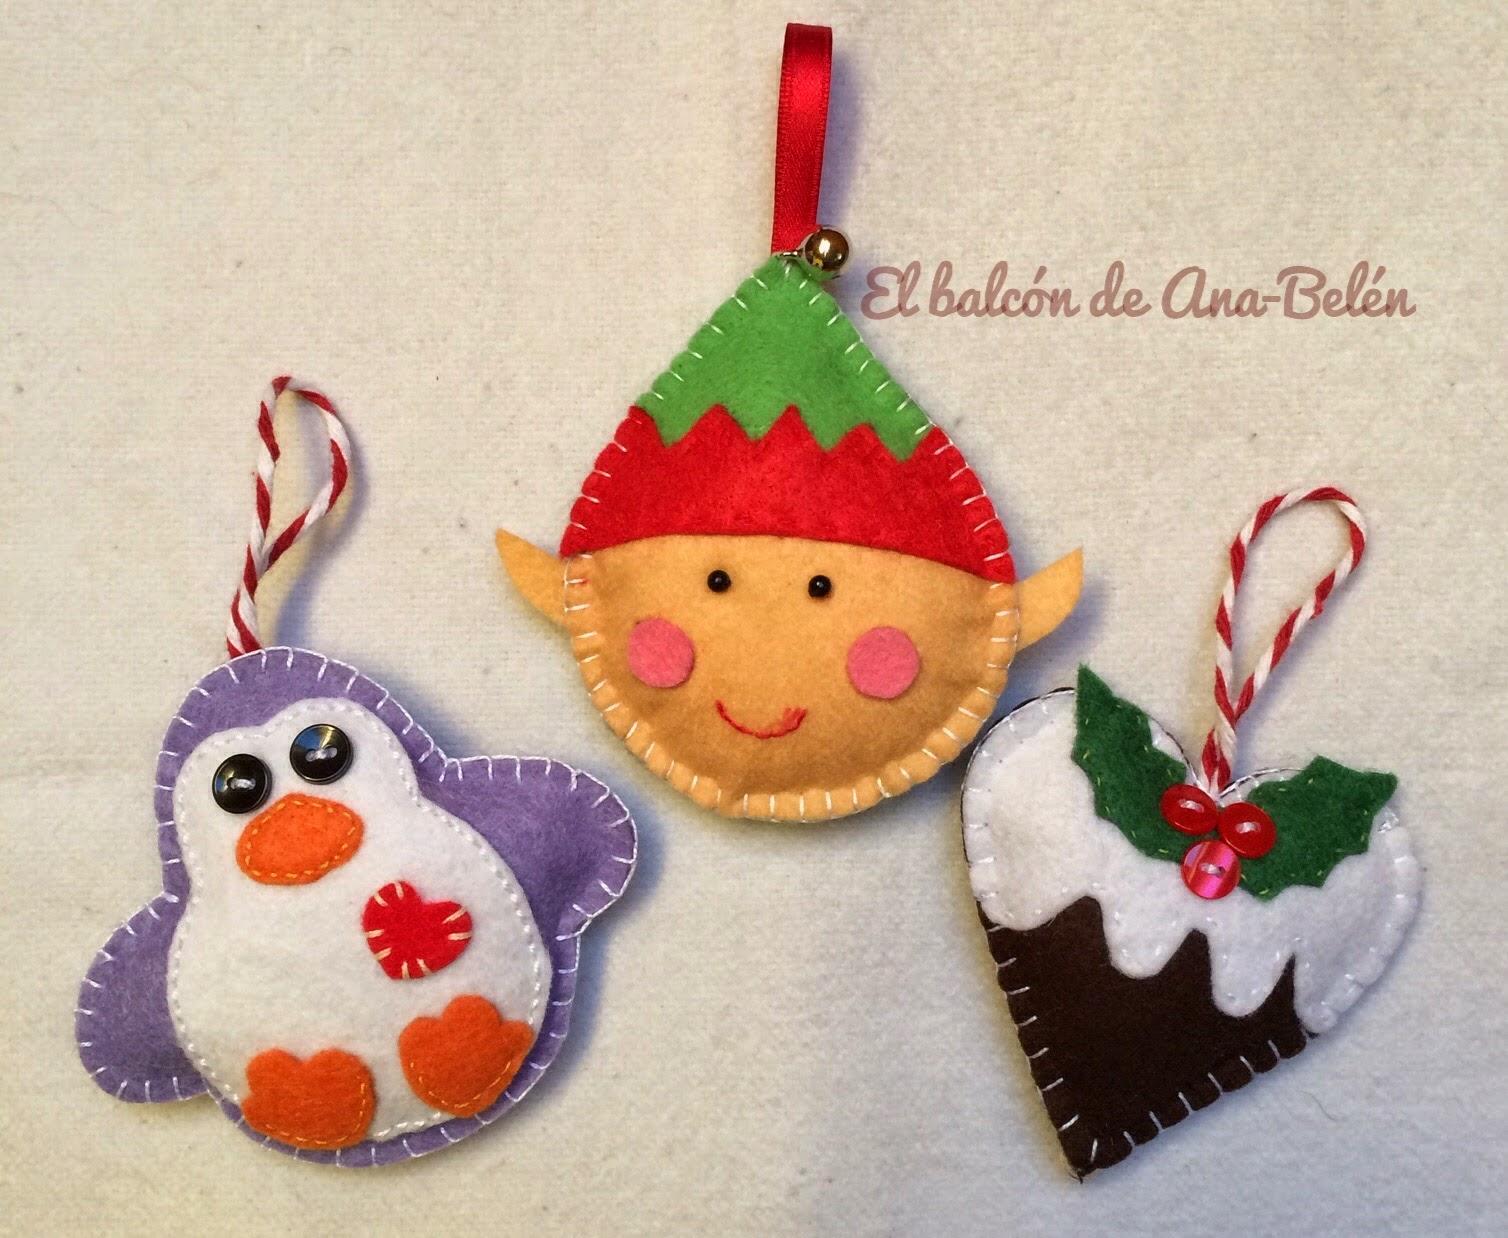 El balc n de ana bel n adornos para el rbol de navidad i for Adornos navidenos para el arbol